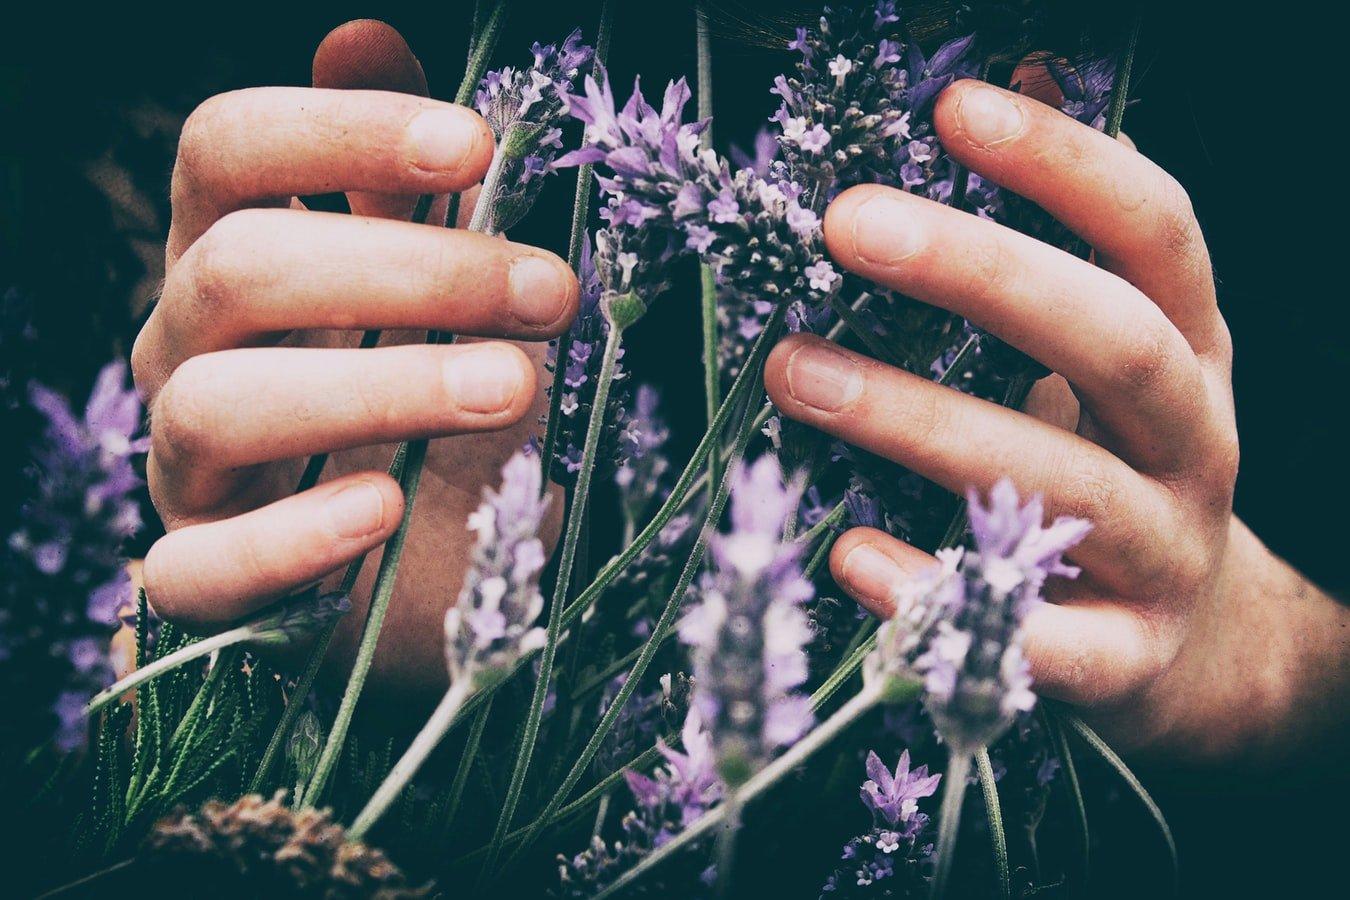 Les 5 huiles essentielles à incorporer dans votre beauty routine